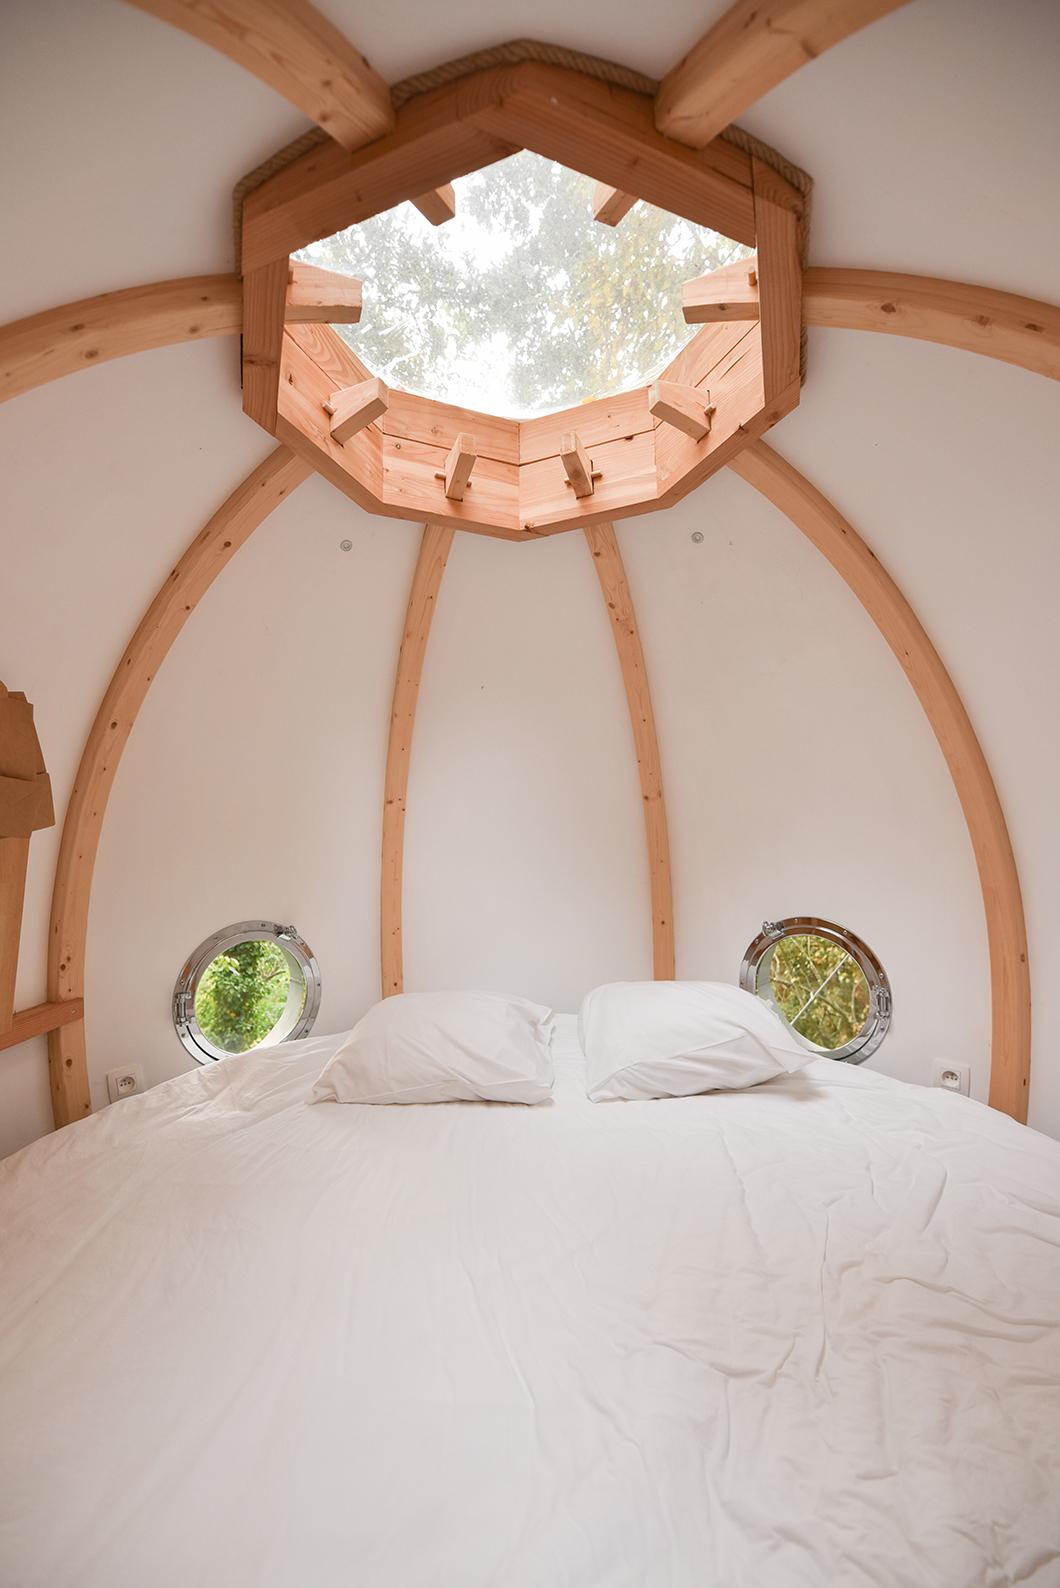 Dormir dans une cabane dans les arbres en France